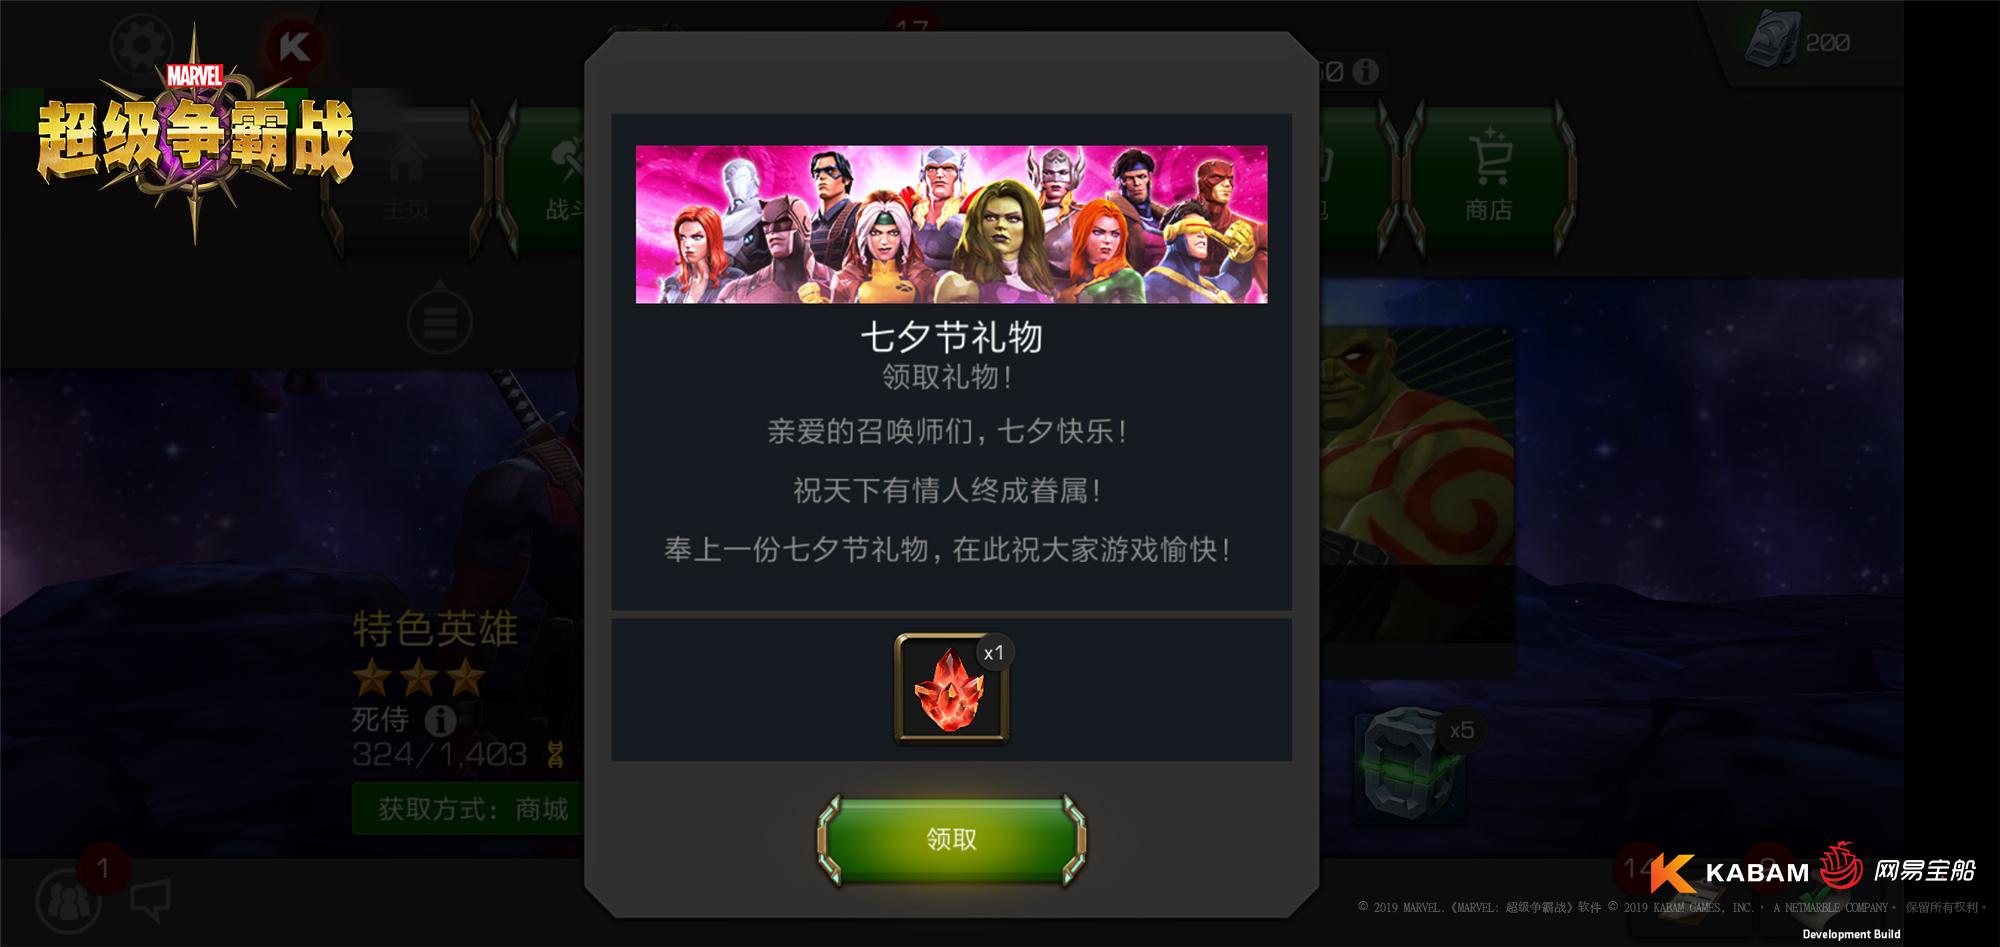 七夕最浪漫《漫威:超级争霸战》登录即送特殊水晶